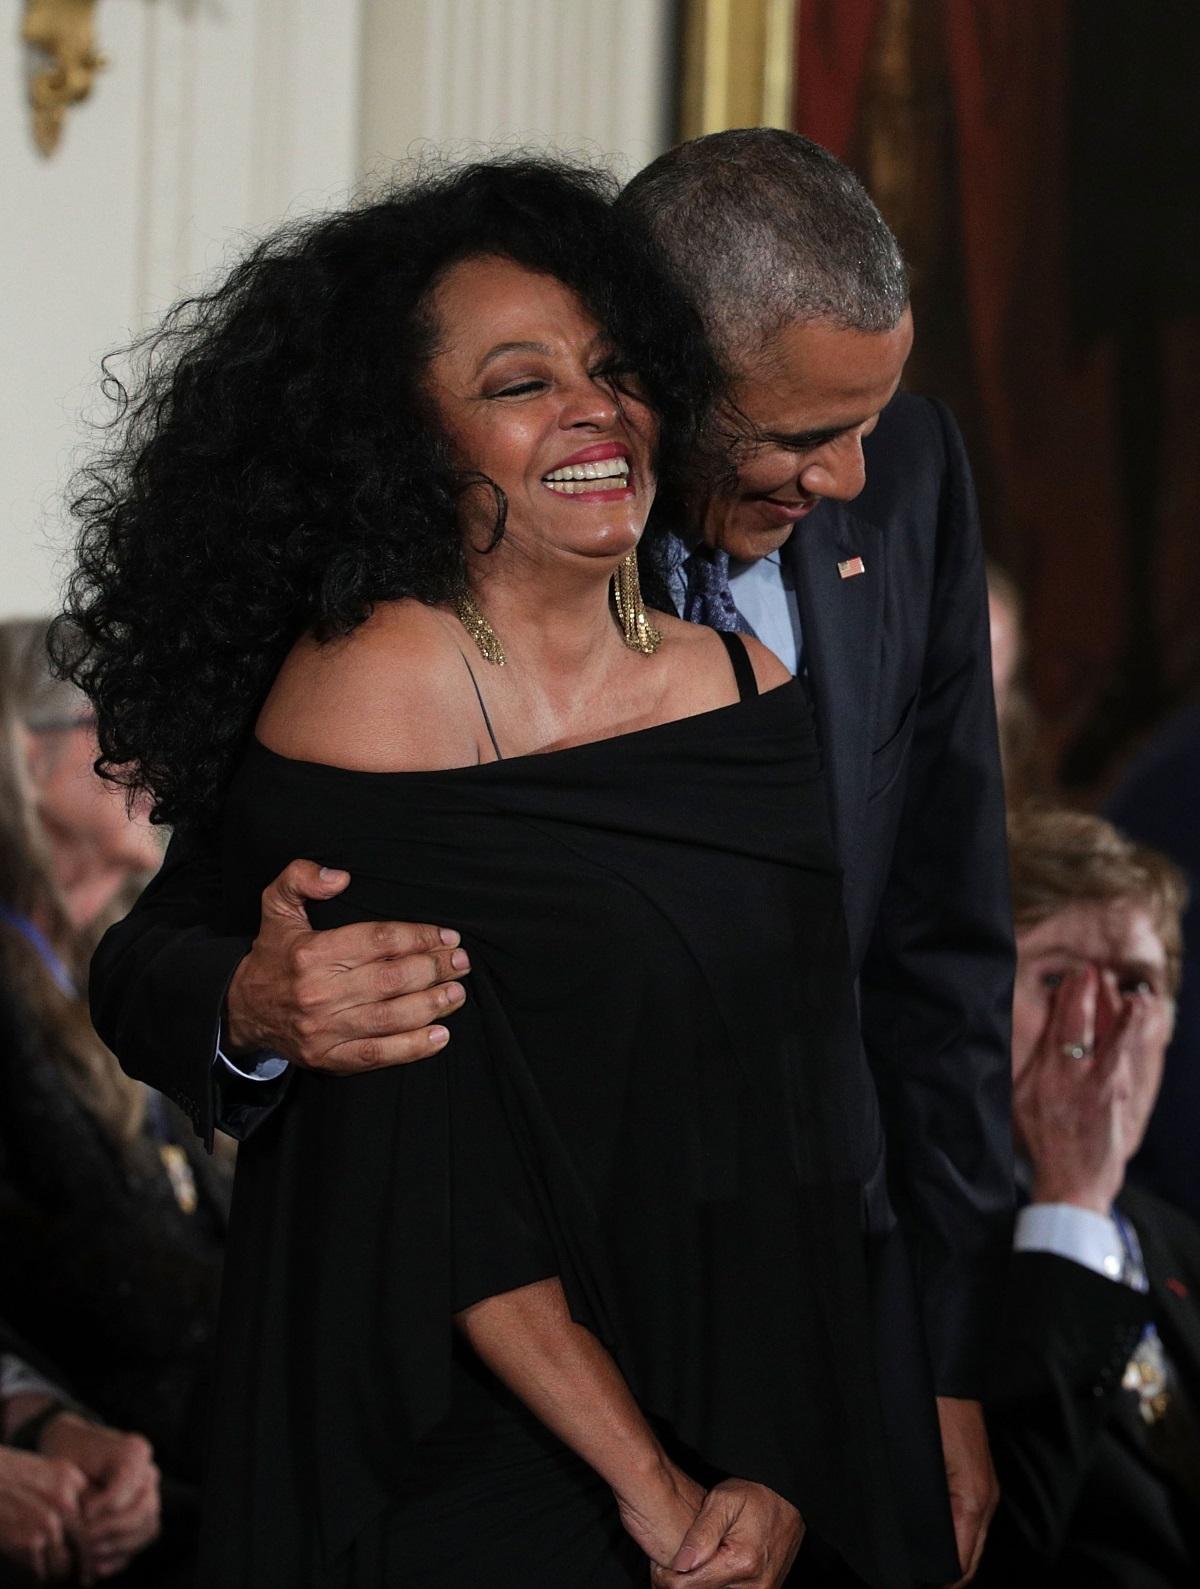 Барак Обама връчи Медал на свободата на певицата Даяна Рос